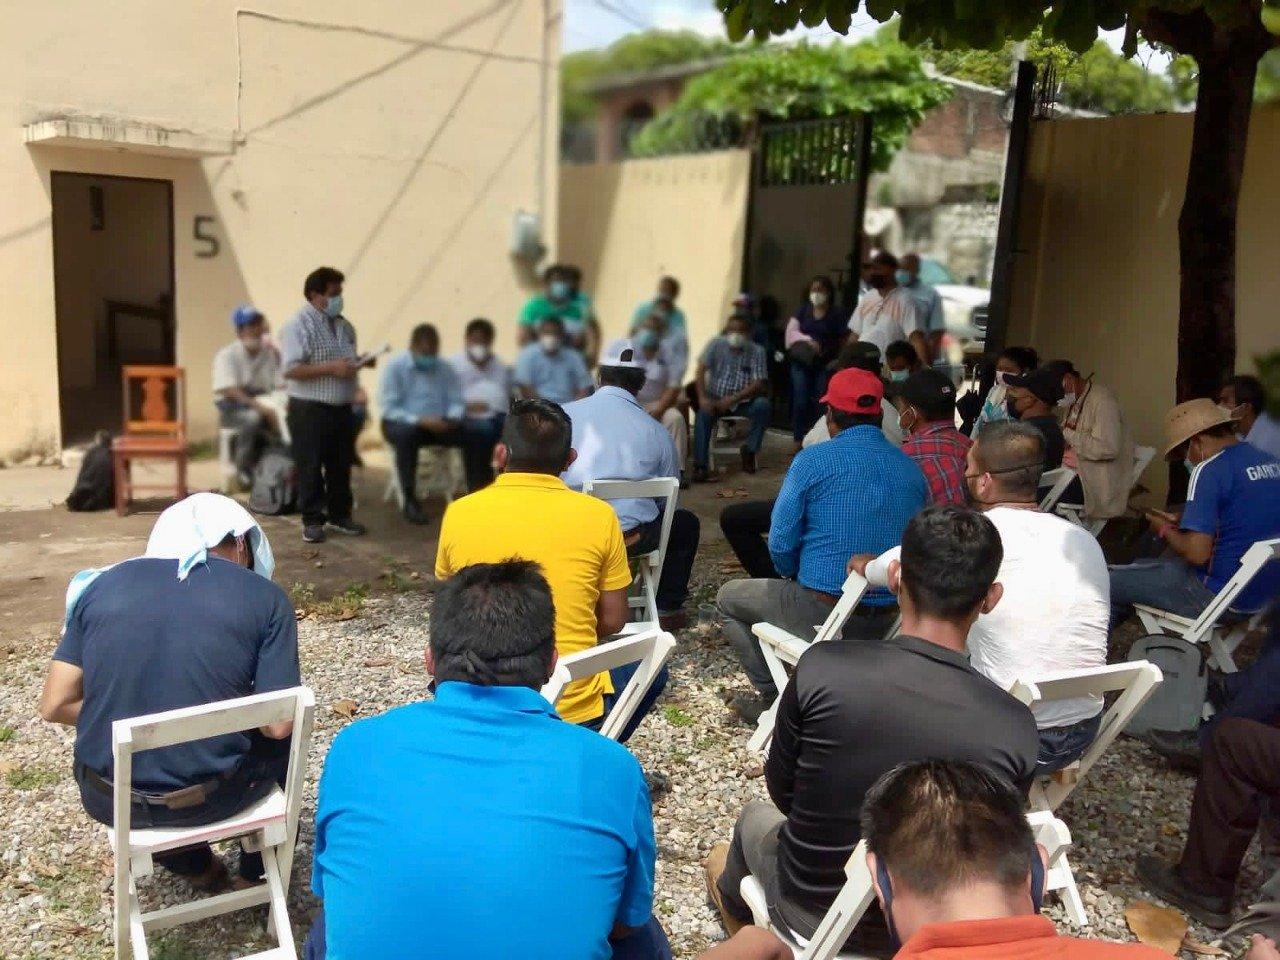 Tras bloqueo en Panamericana, Segego dialoga con autoridades de San Miguel Chimalapa, Oaxaca